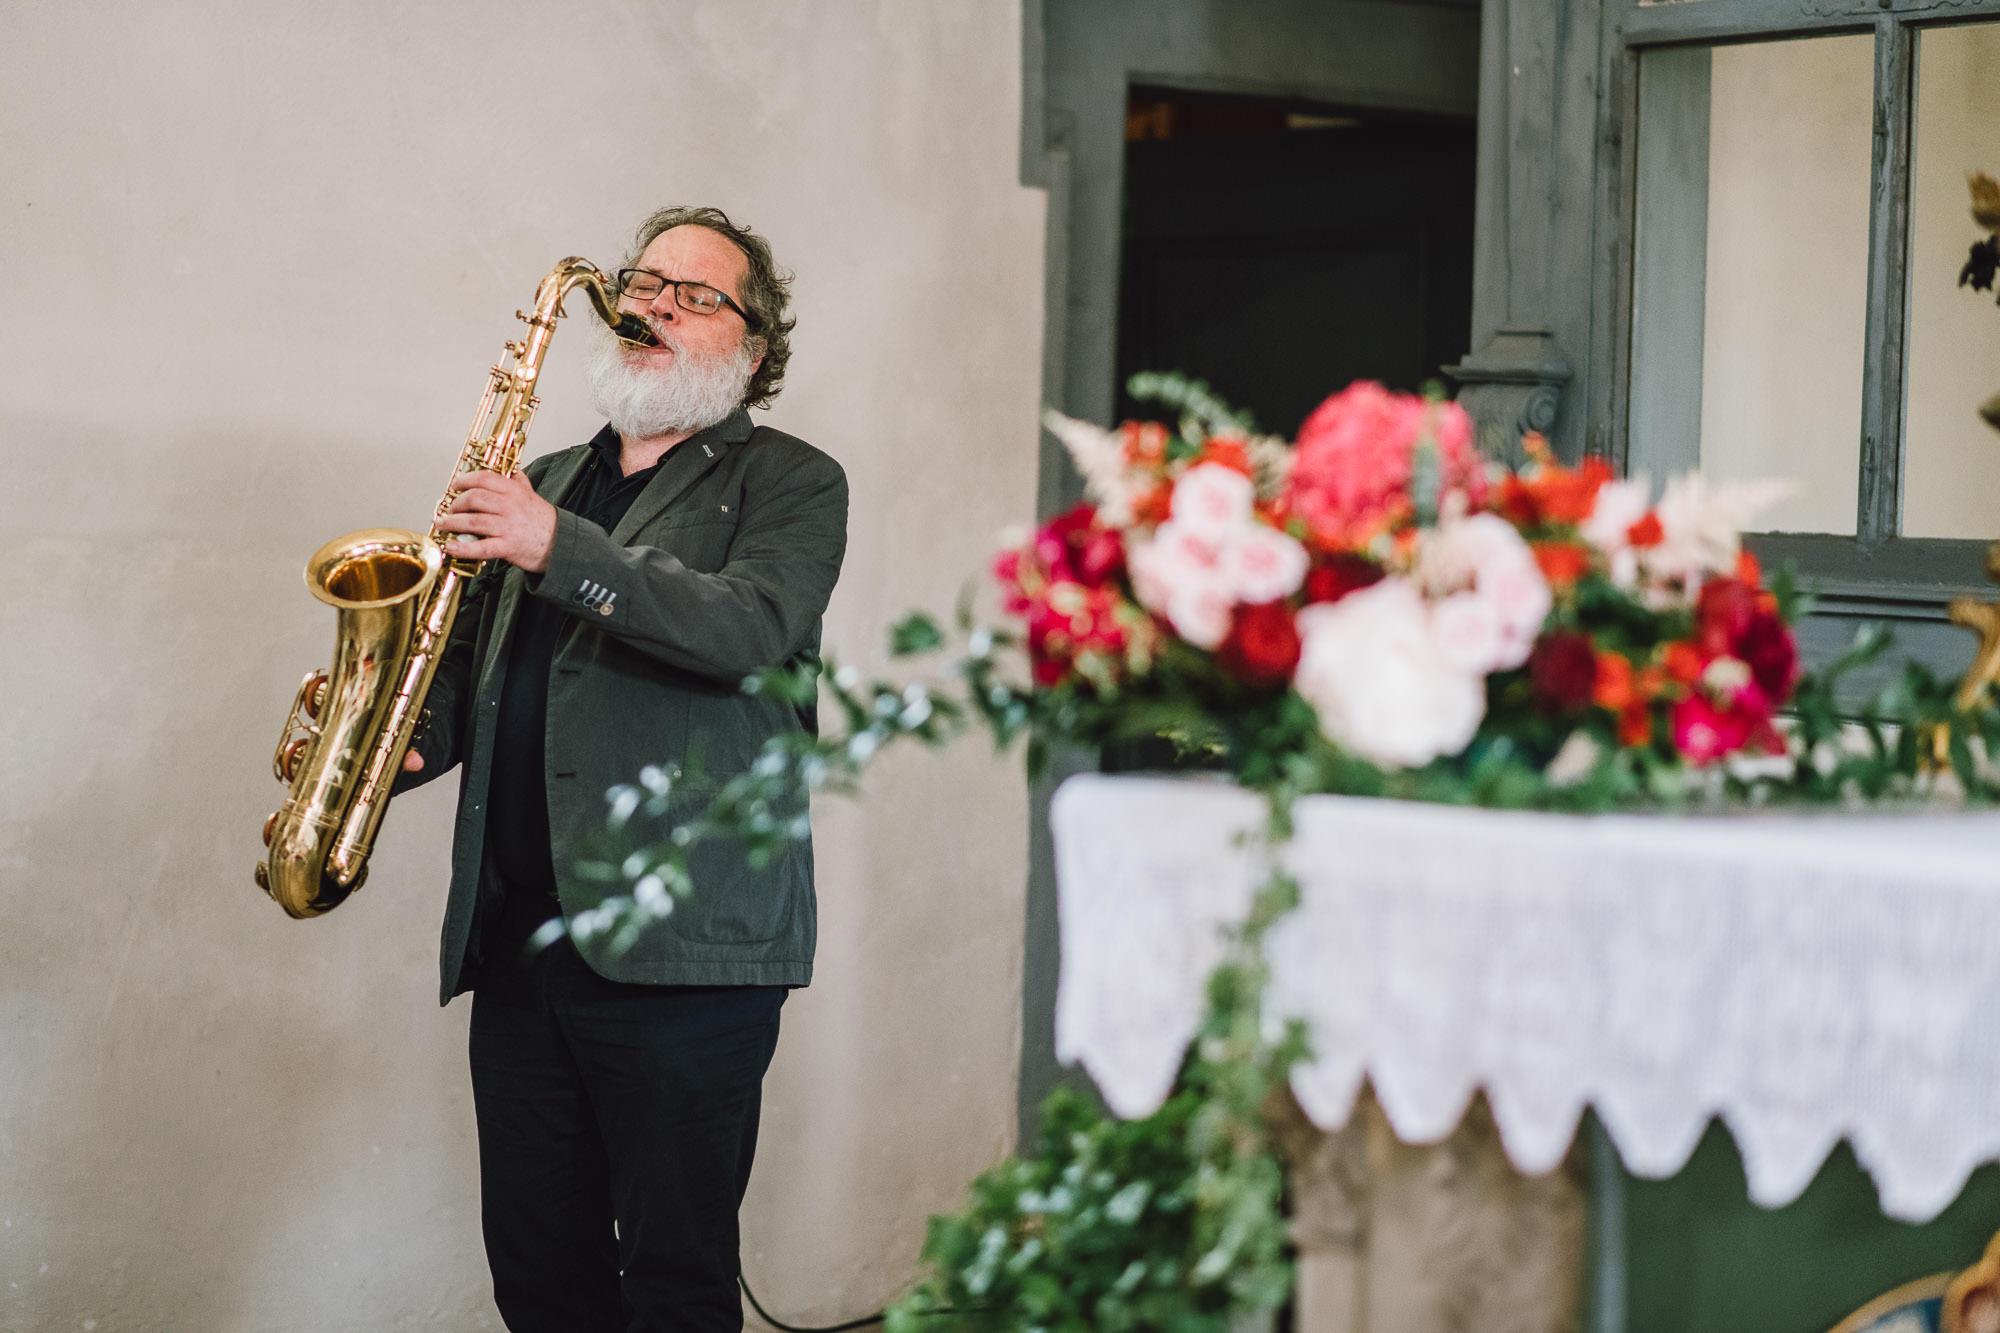 rustic-elegant-wedding-schloss-hochzeit-eyrichshof-franken-bamberg-054